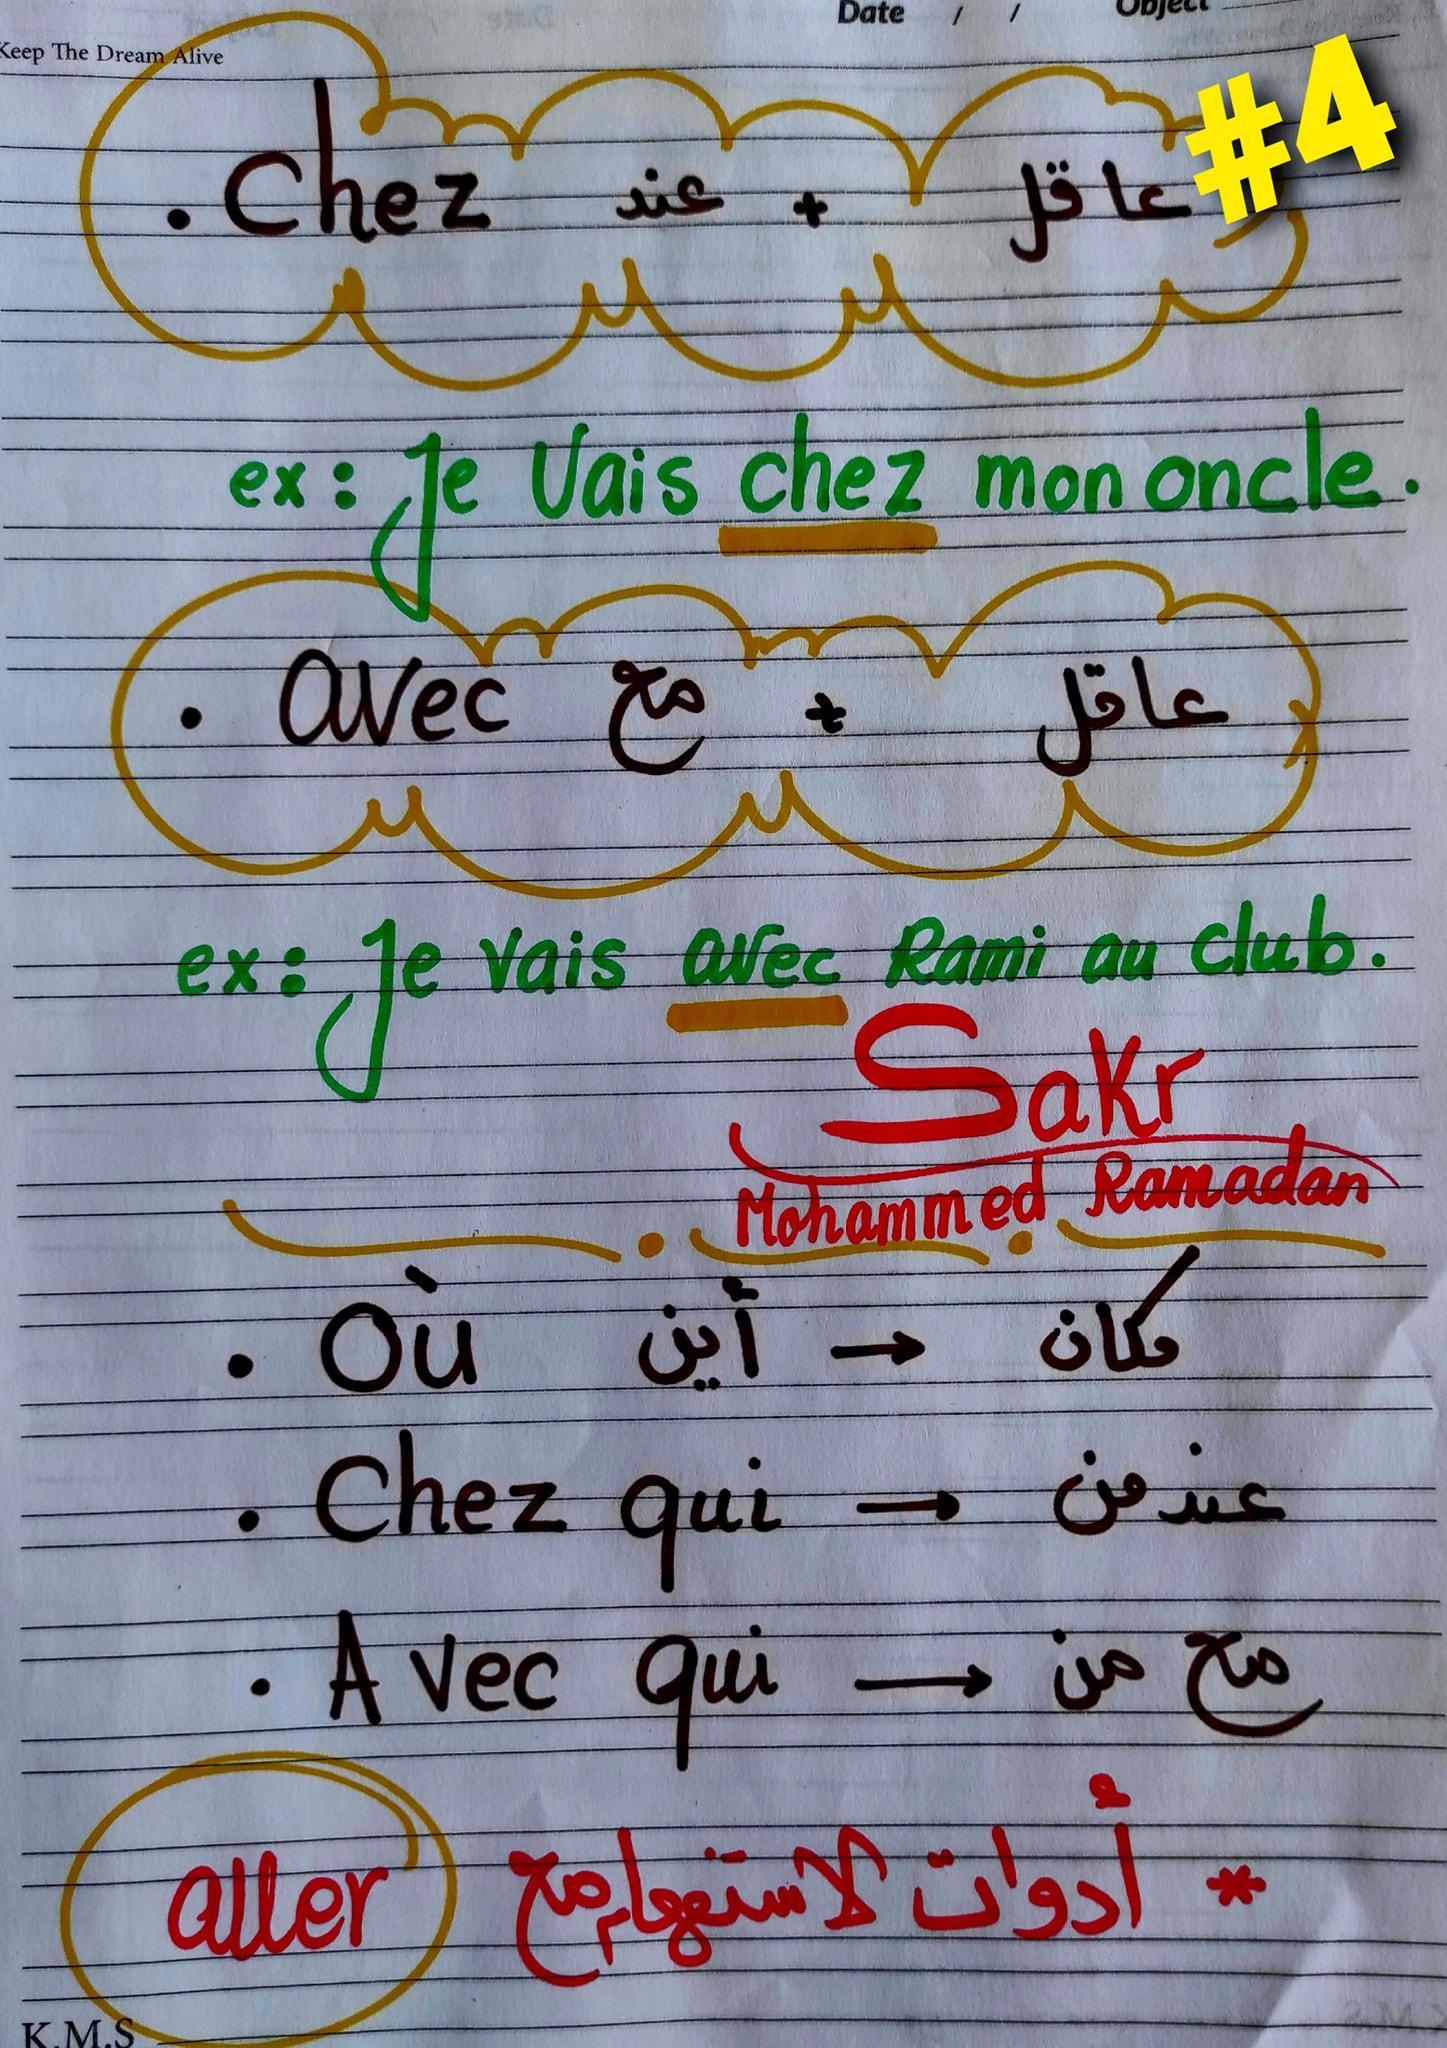 مراجعة شاملة لغة فرنسية للصف الاول الثانوي ترم ثاني.. أهم الكلمات والقواعد و 200 سؤال مجاب  3